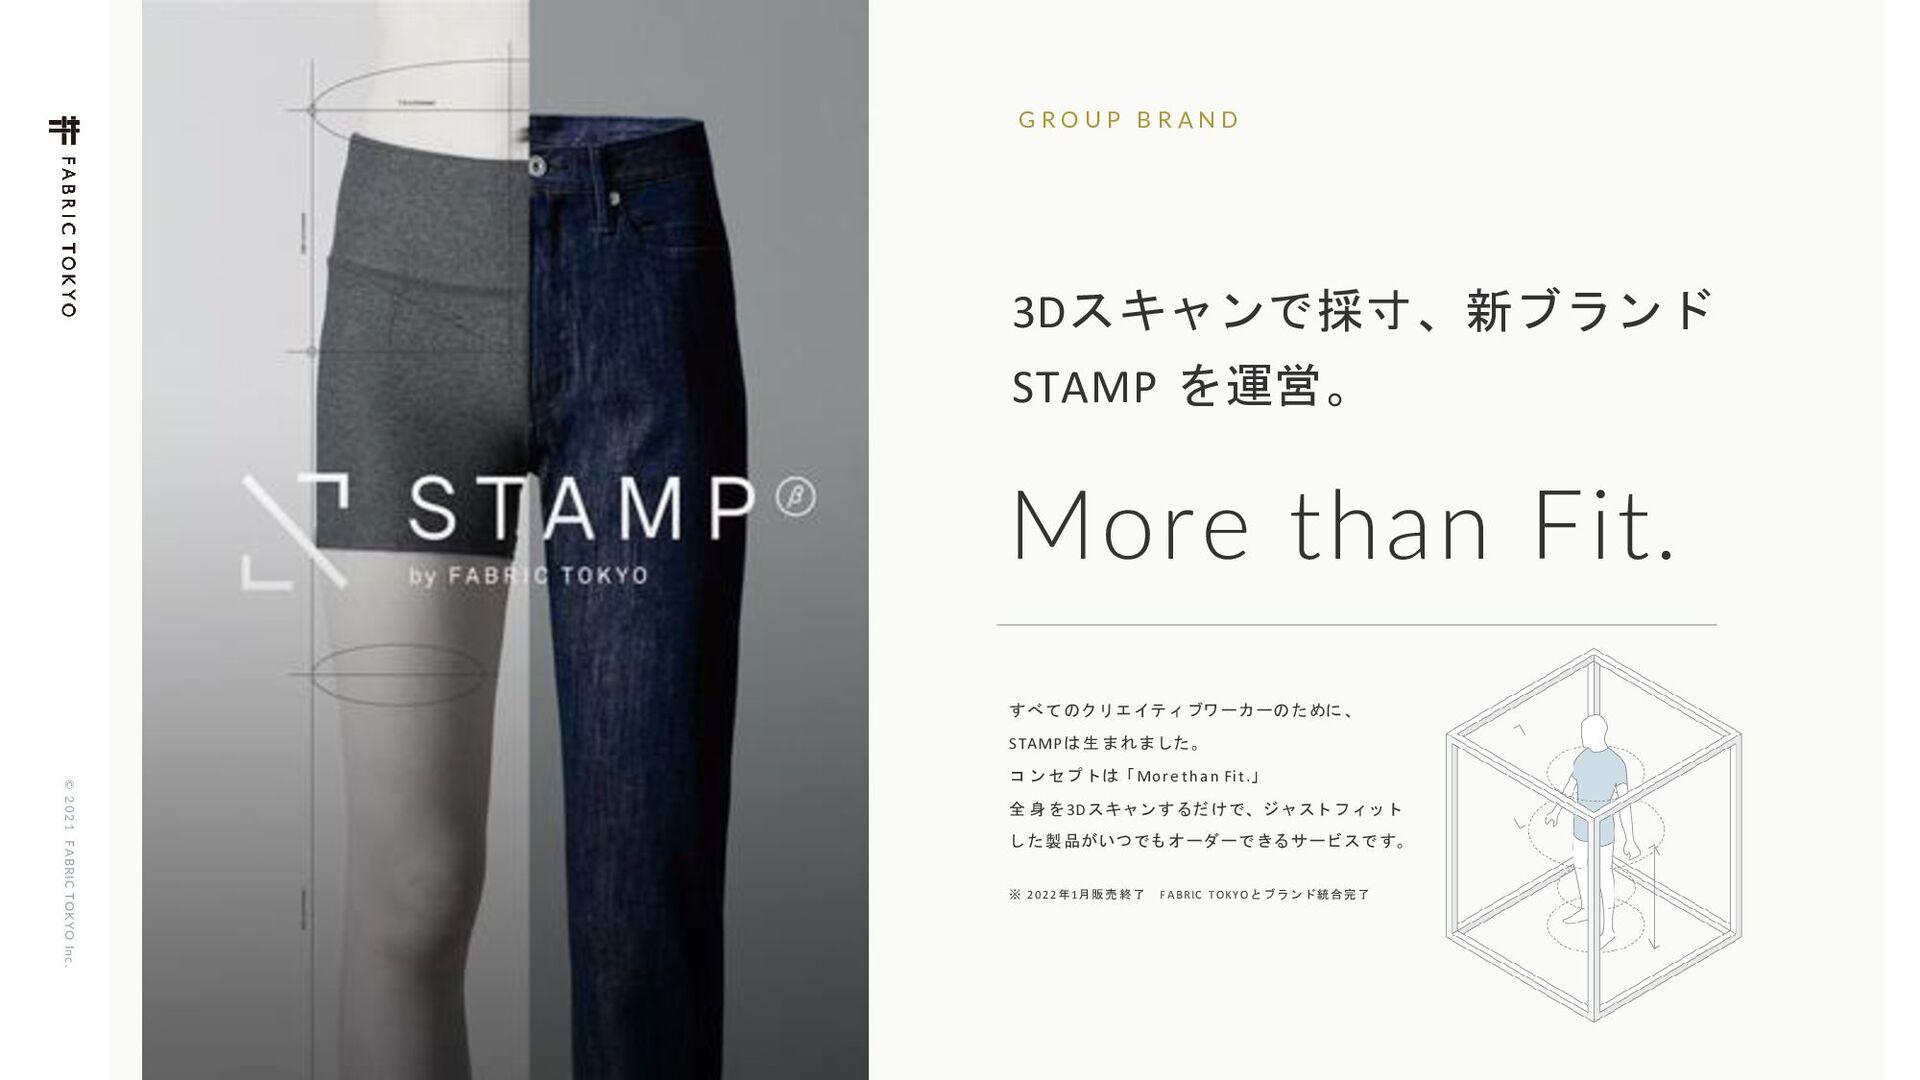 © 2021 FABRIC TOKYO Inc. 30 ΦϑΟε؍ʢ݄ɺݪ॓ʹҠ...